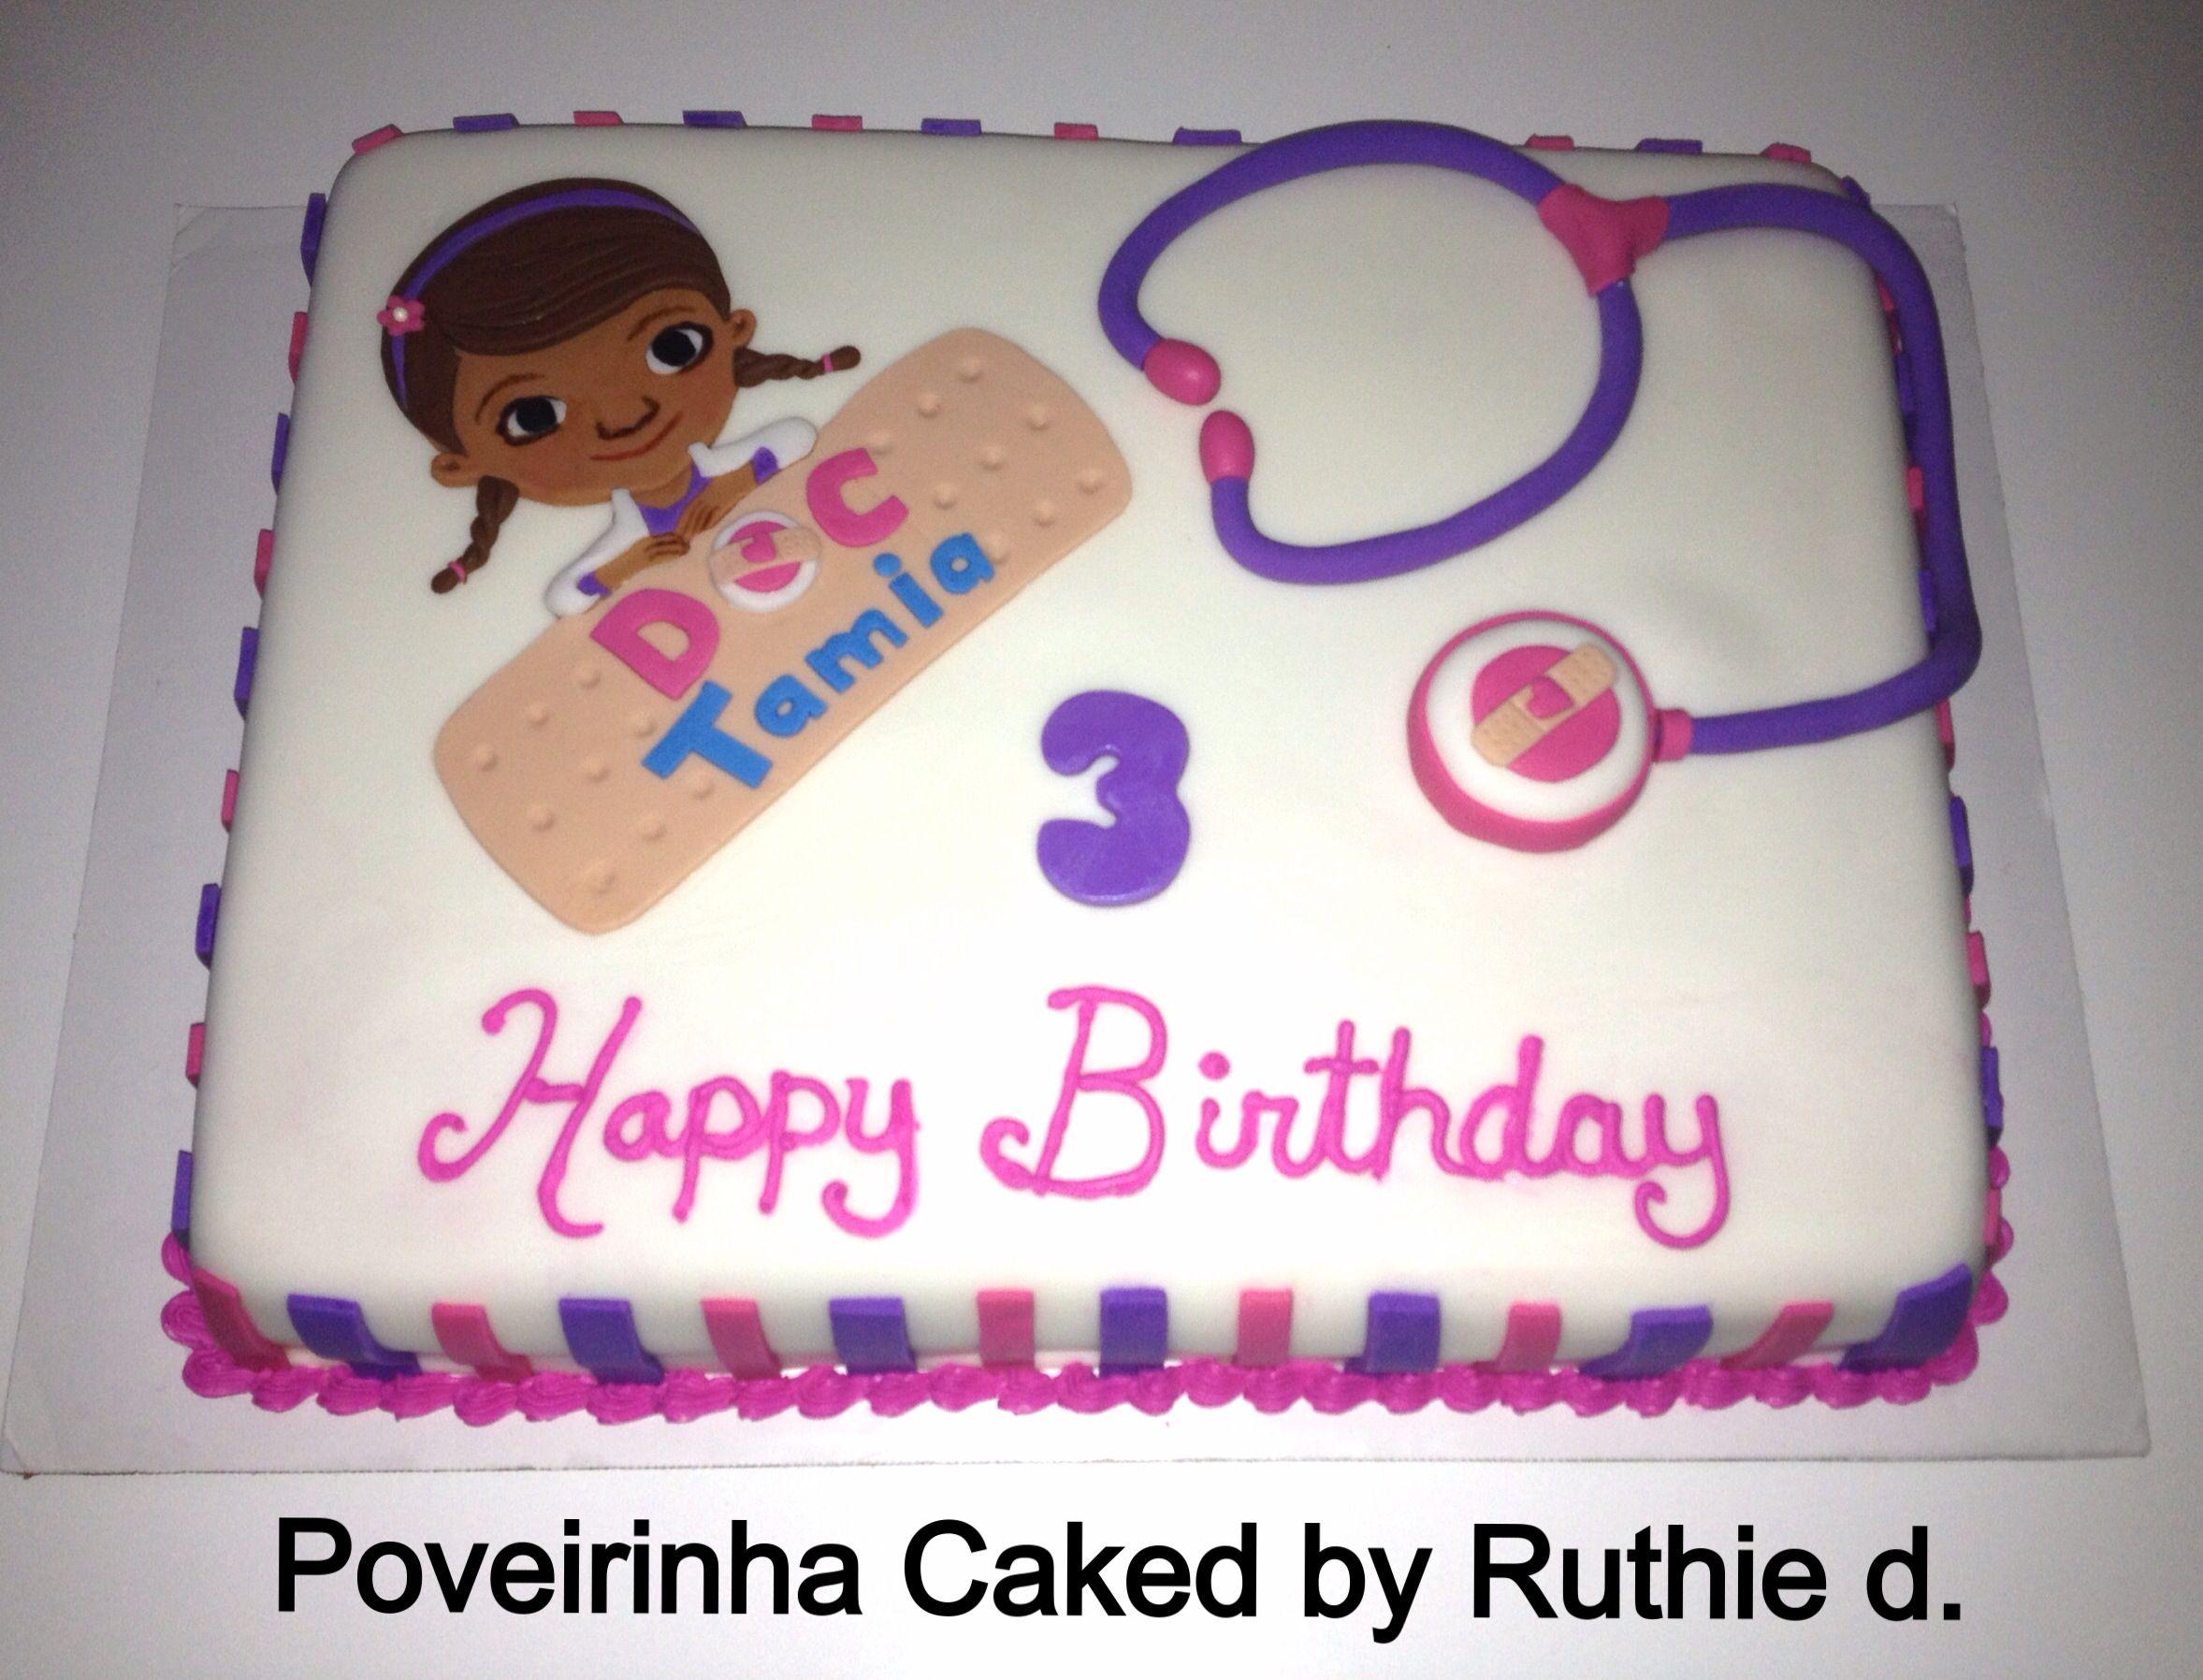 Doc mcstuffins bandages doc mcstuffins party ideas on pinterest doc - Doc Mcstuffins Birthday Cake Poveirinha Cakes By Ruthie De Castro